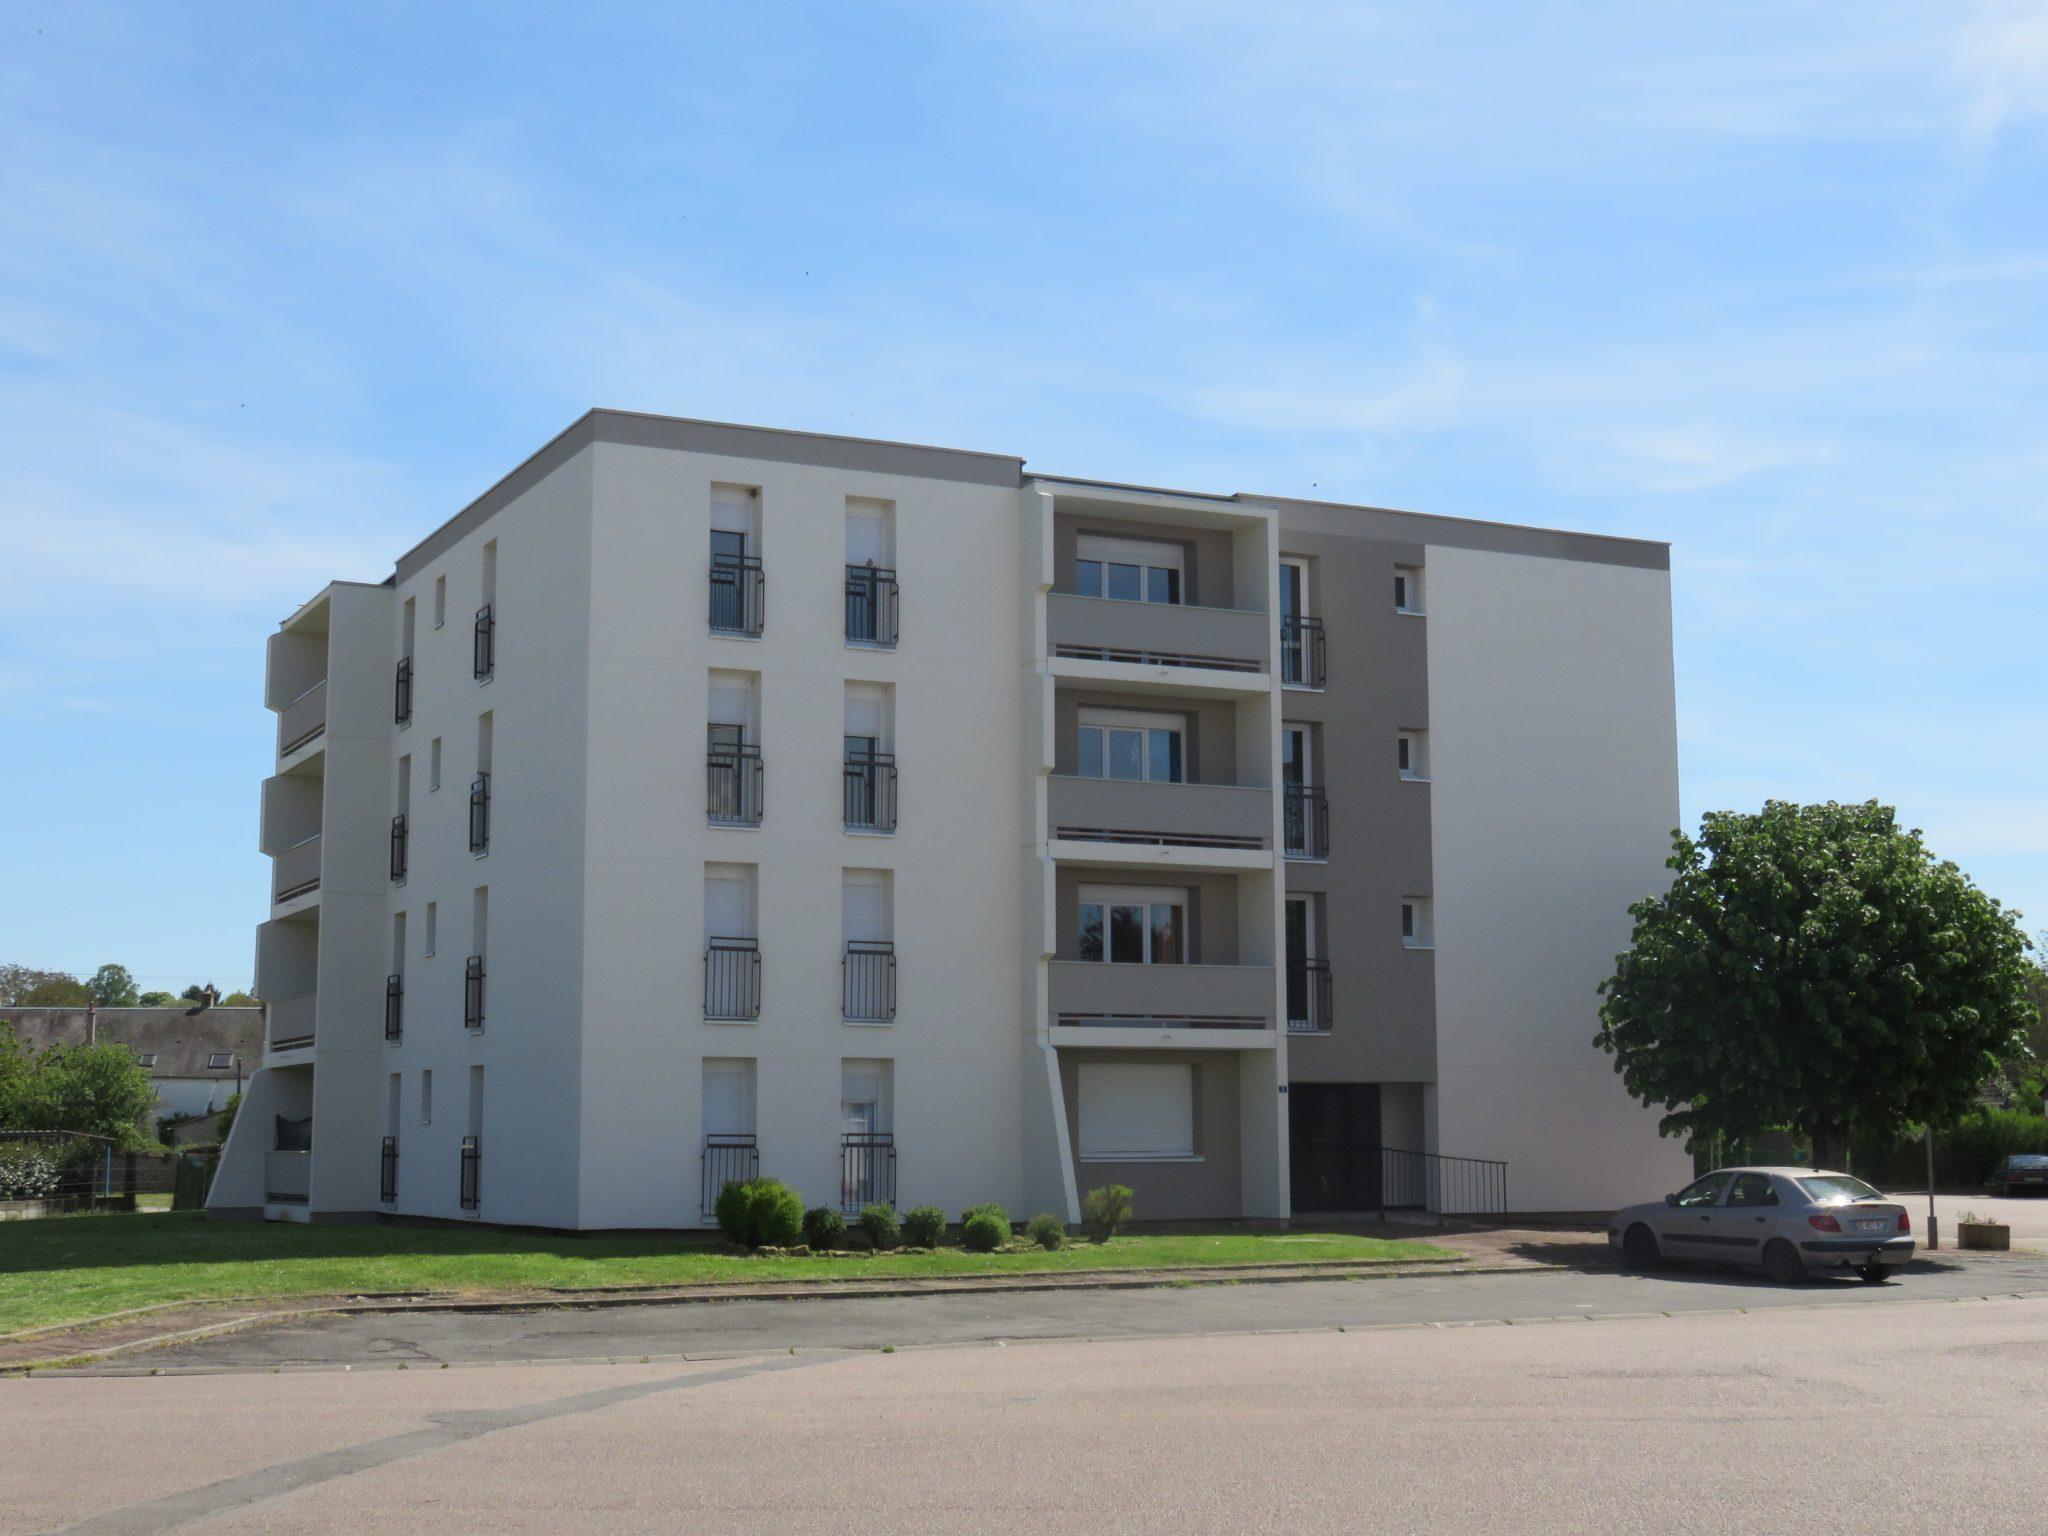 RUE DES CLAIRS LOGIS, Cercy-la-Tour, 58340, Appartement, Patrimoine 1752